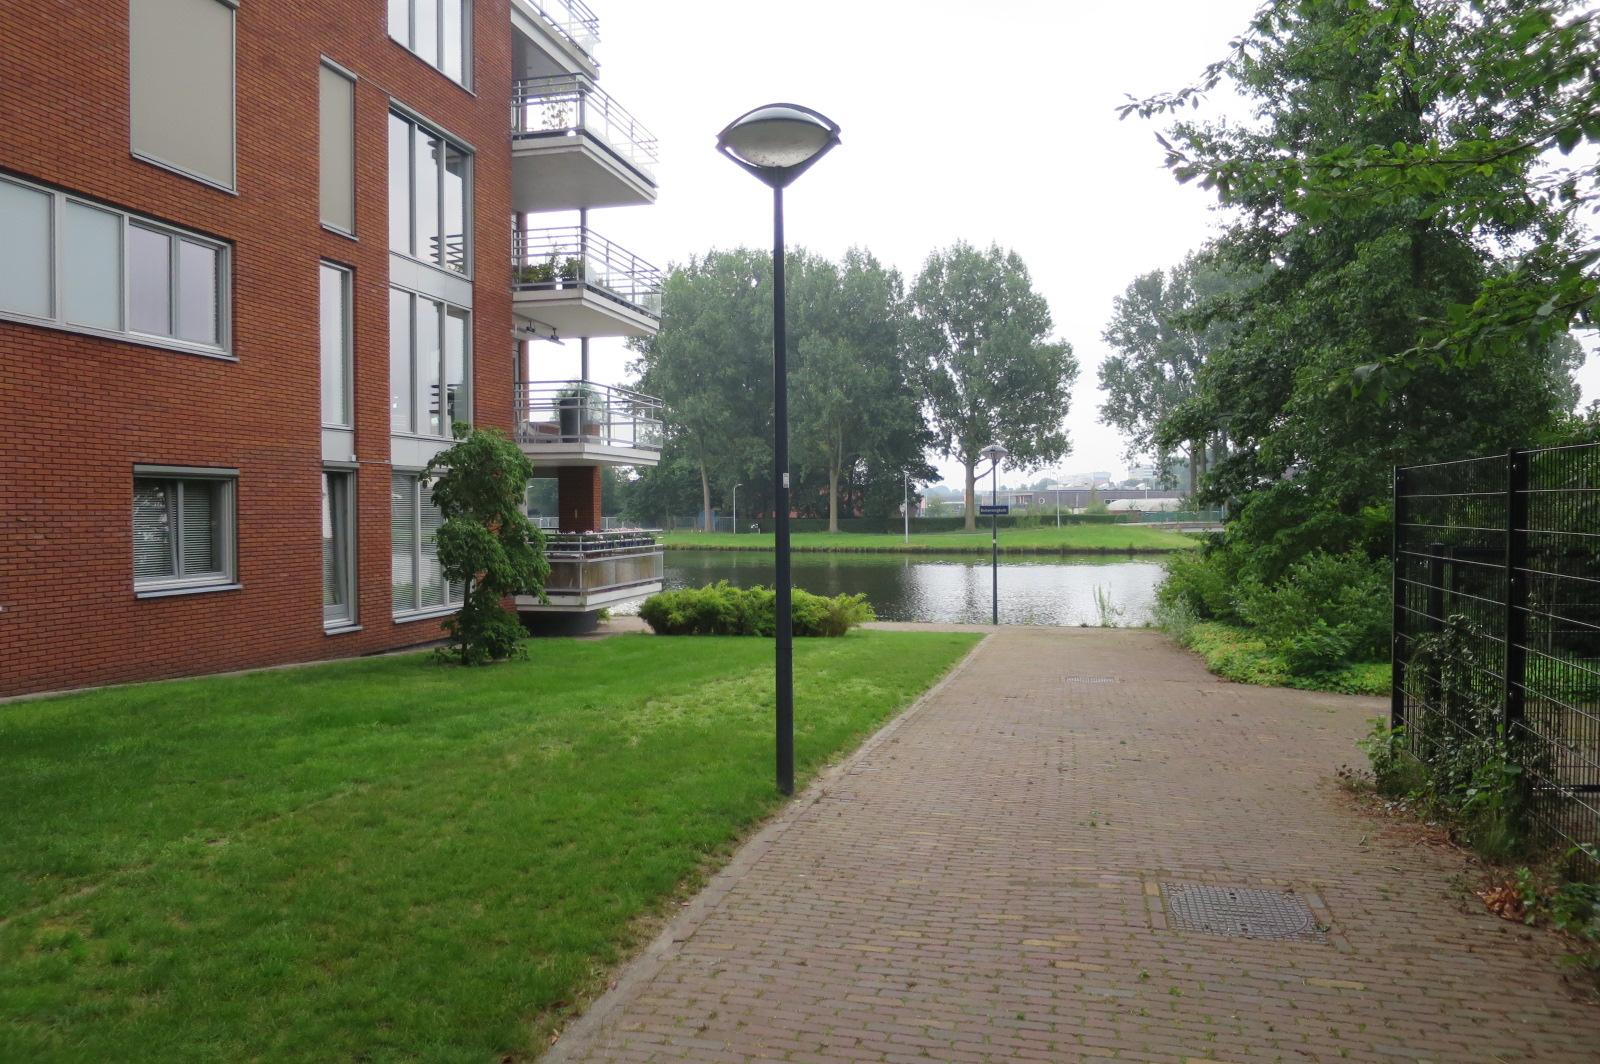 Leystarlaan, Haarlem